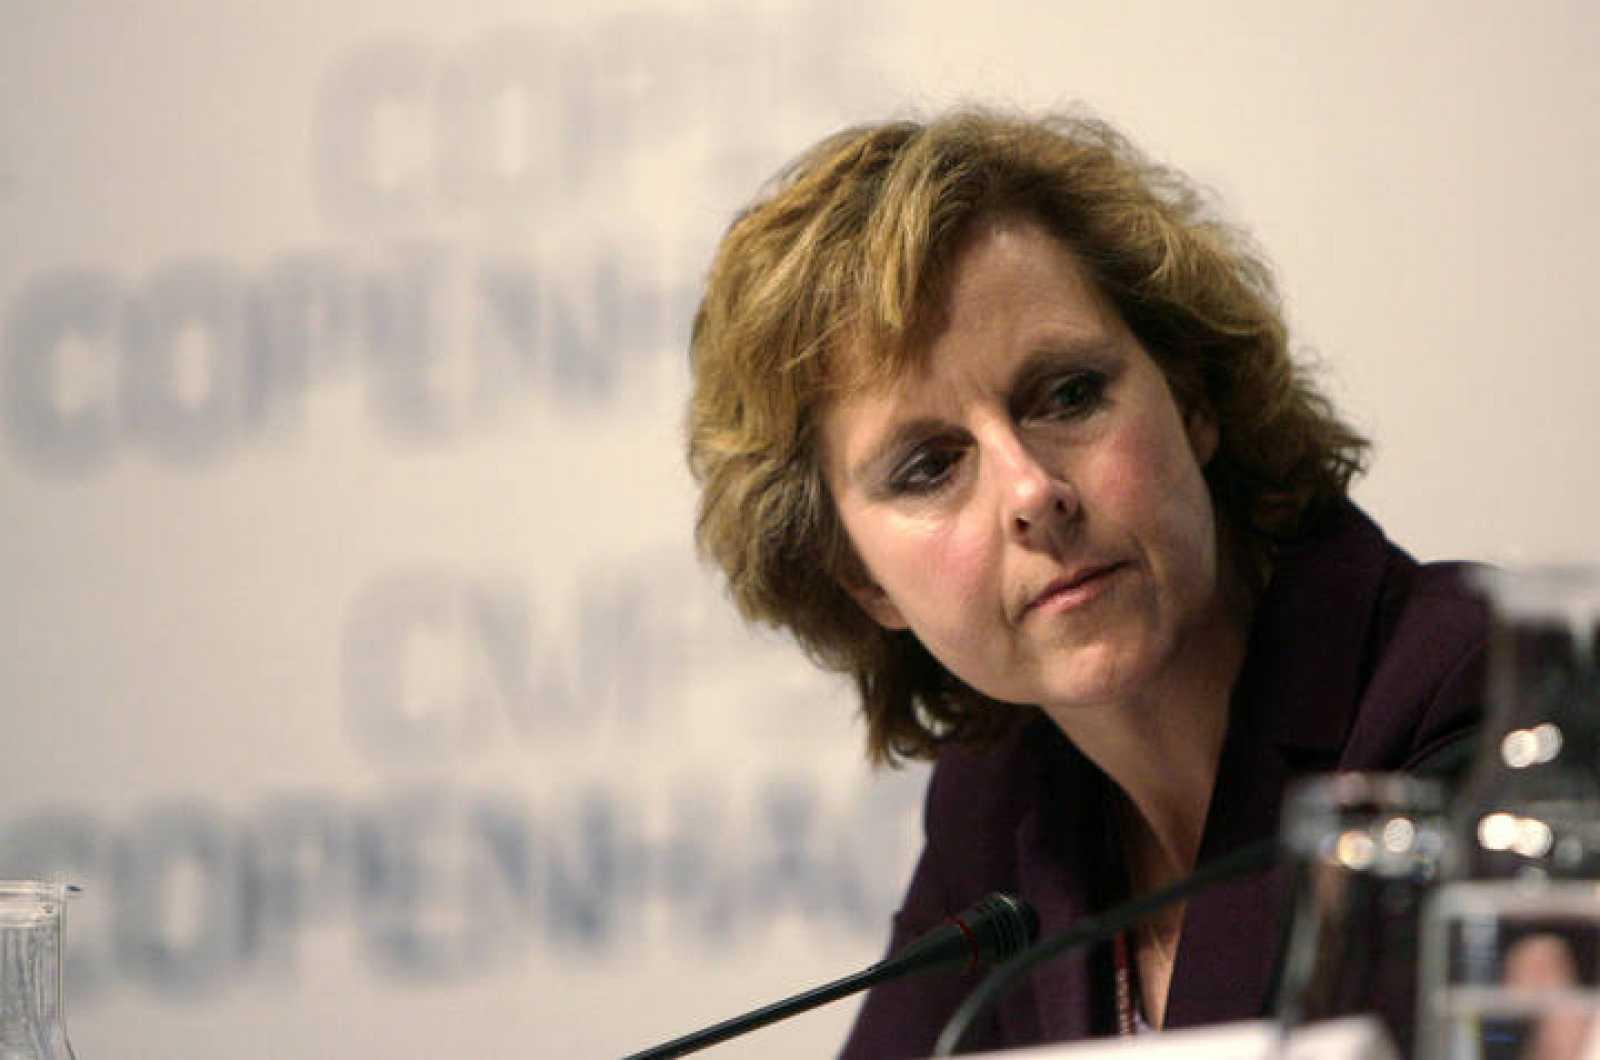 Hedegaard, durante una rueda de prensa en Copenhague.